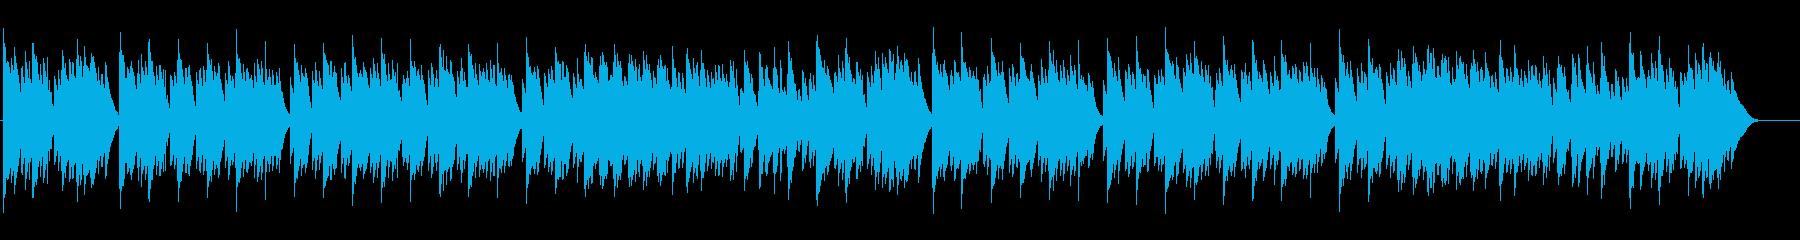 眠気を誘うカリンバの心地良いバラードの再生済みの波形